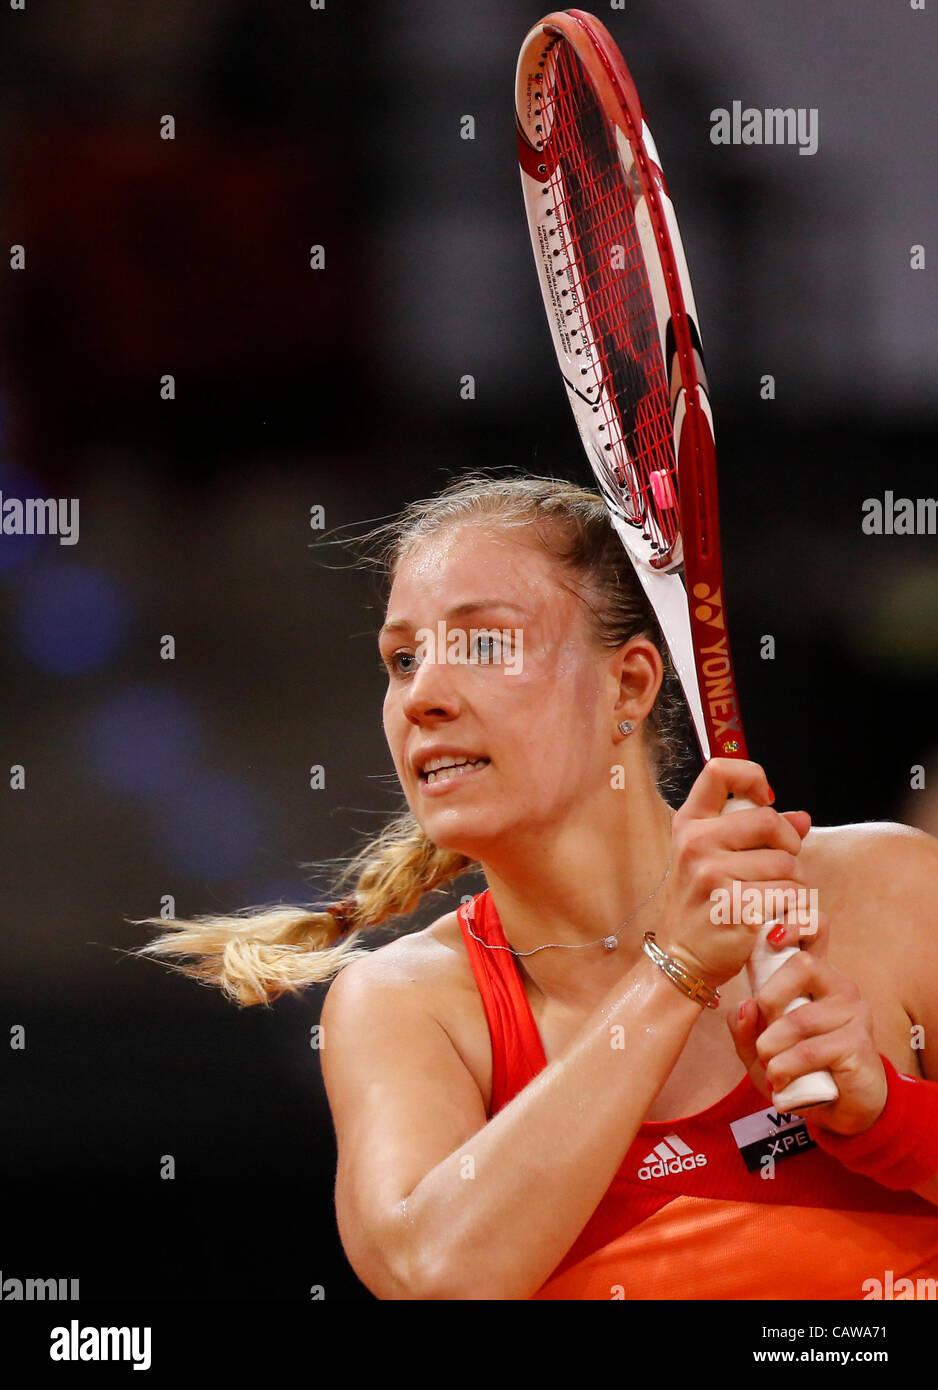 Angelique KERBER (GER) Aktion Aufschlag,  Portrait, Kopf, Gesicht, Tennisball, Einzelbild   beim Porsche Tennis - Stock Image